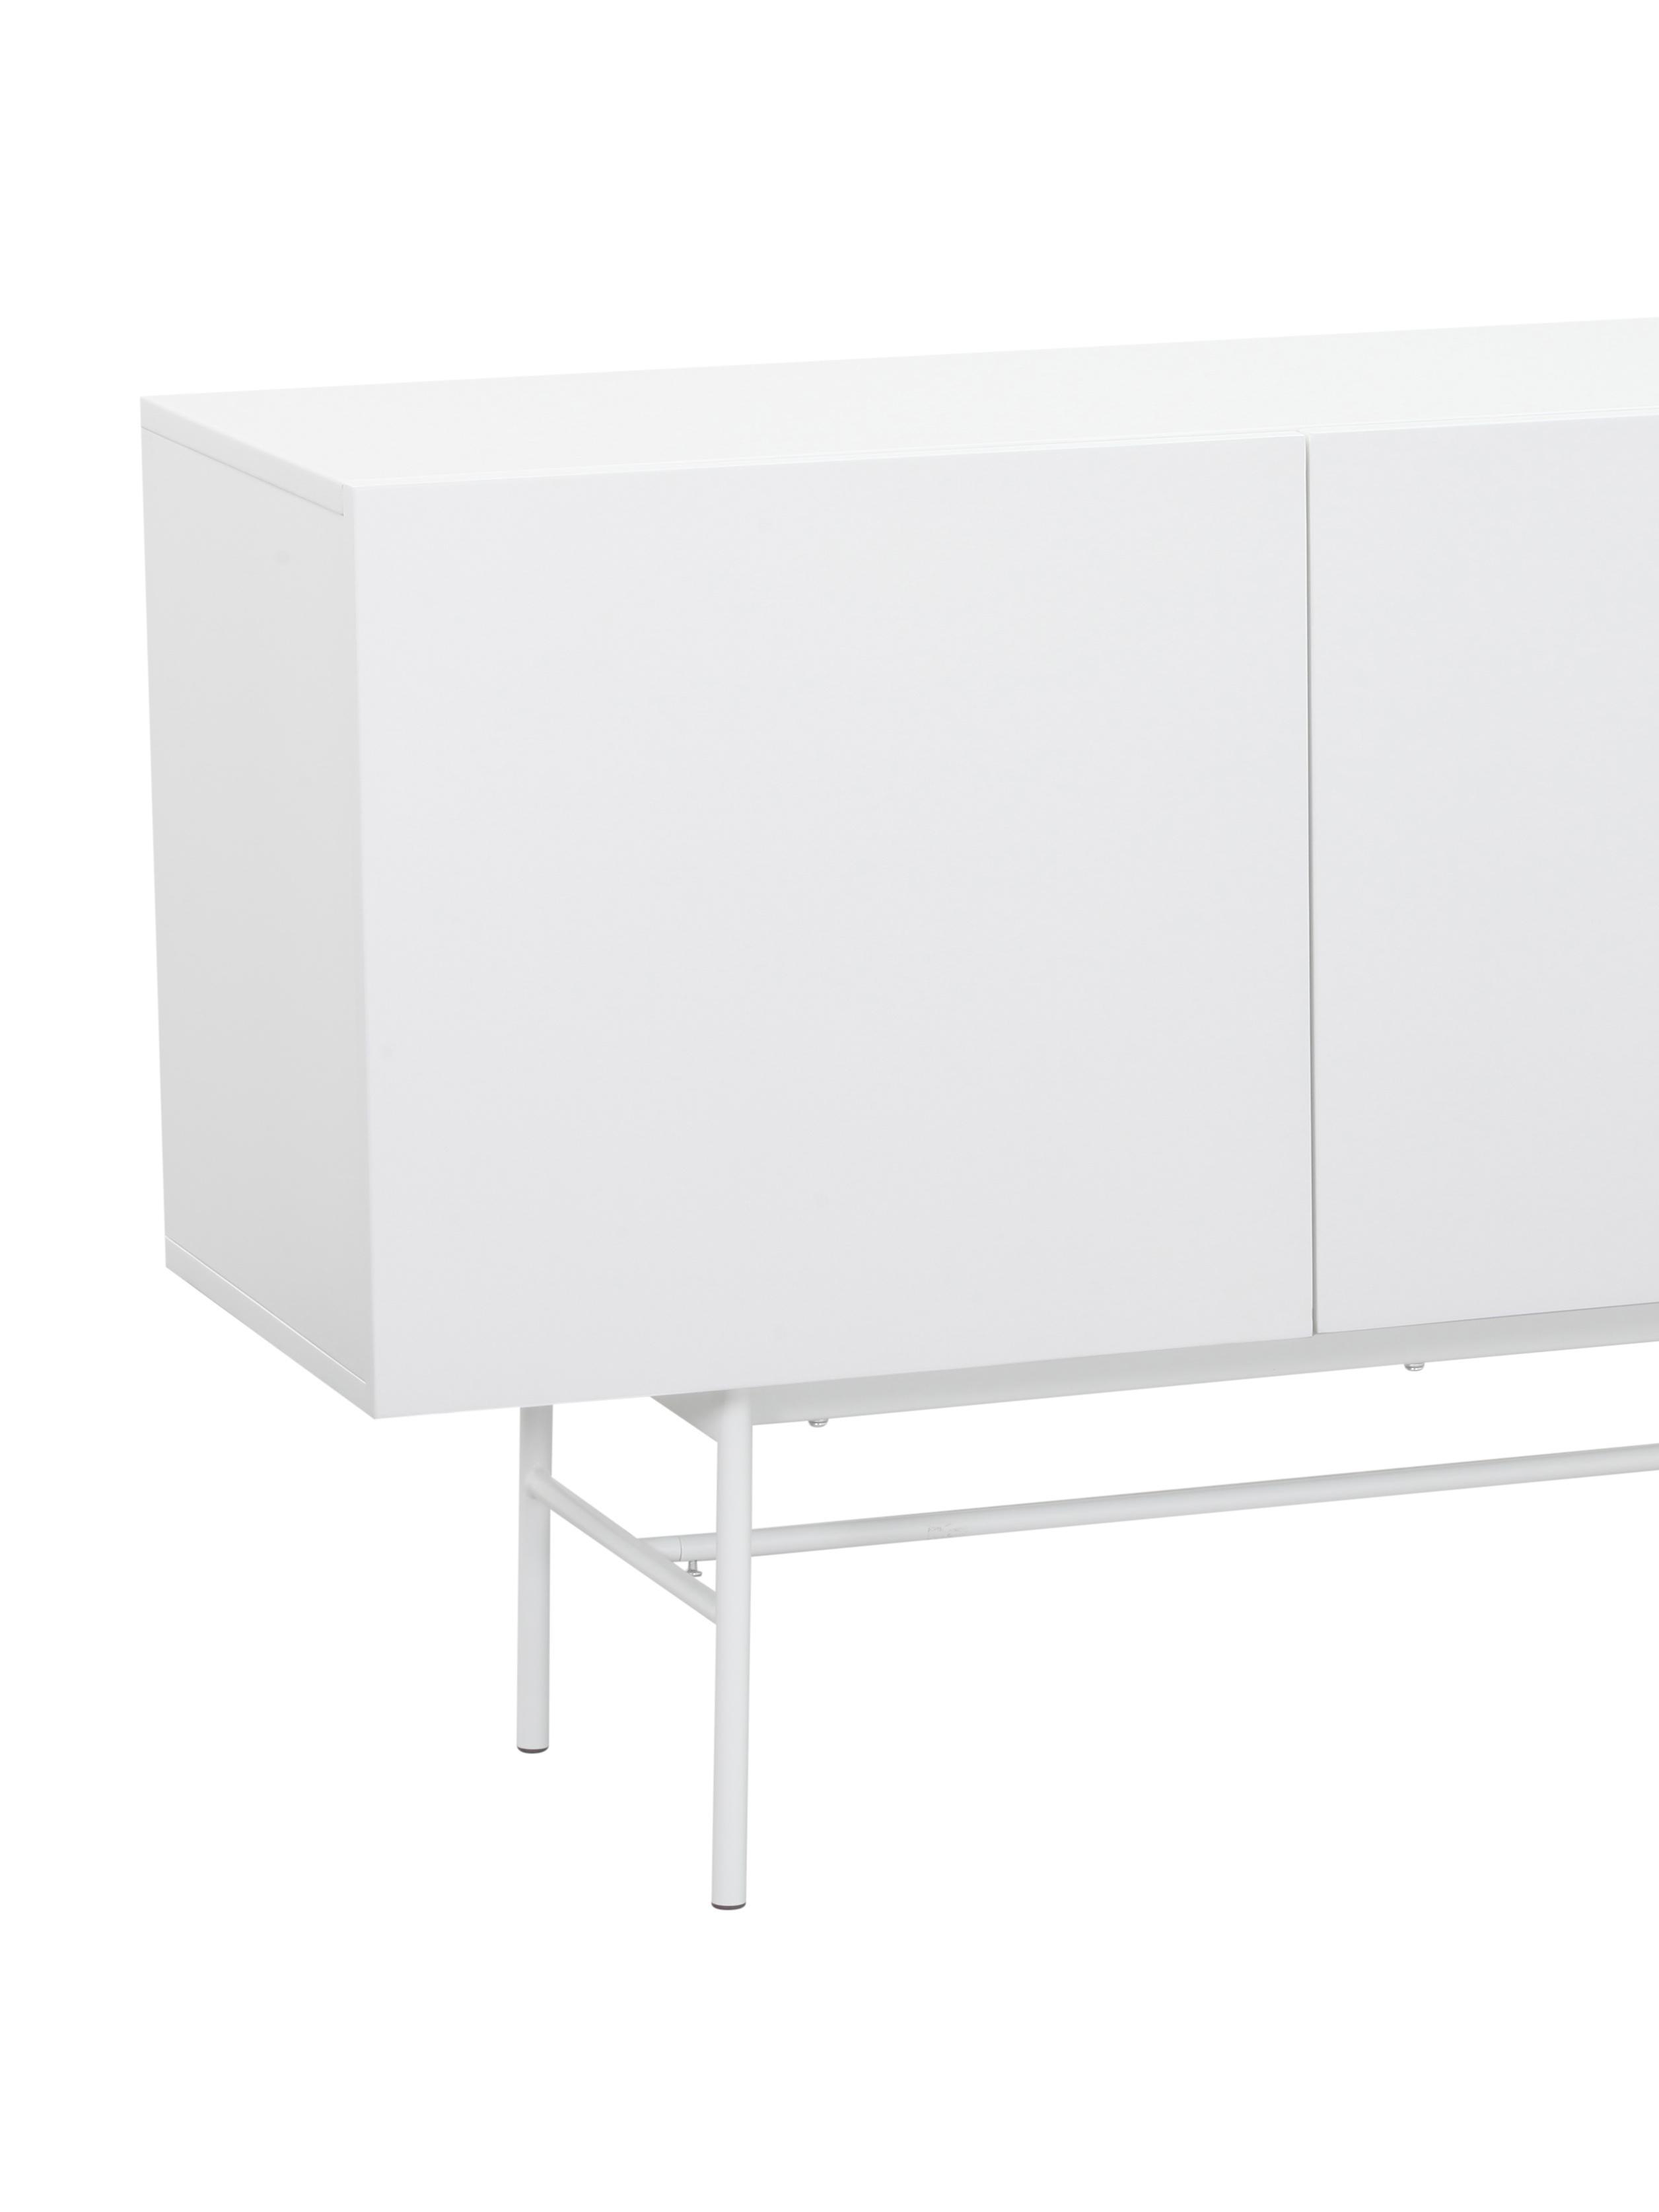 Modernes Sideboard Anders, Korpus: Mitteldichte Holzfaserpla, Korpus: WeissFüsse: Weiss, matt, 200 x 80 cm